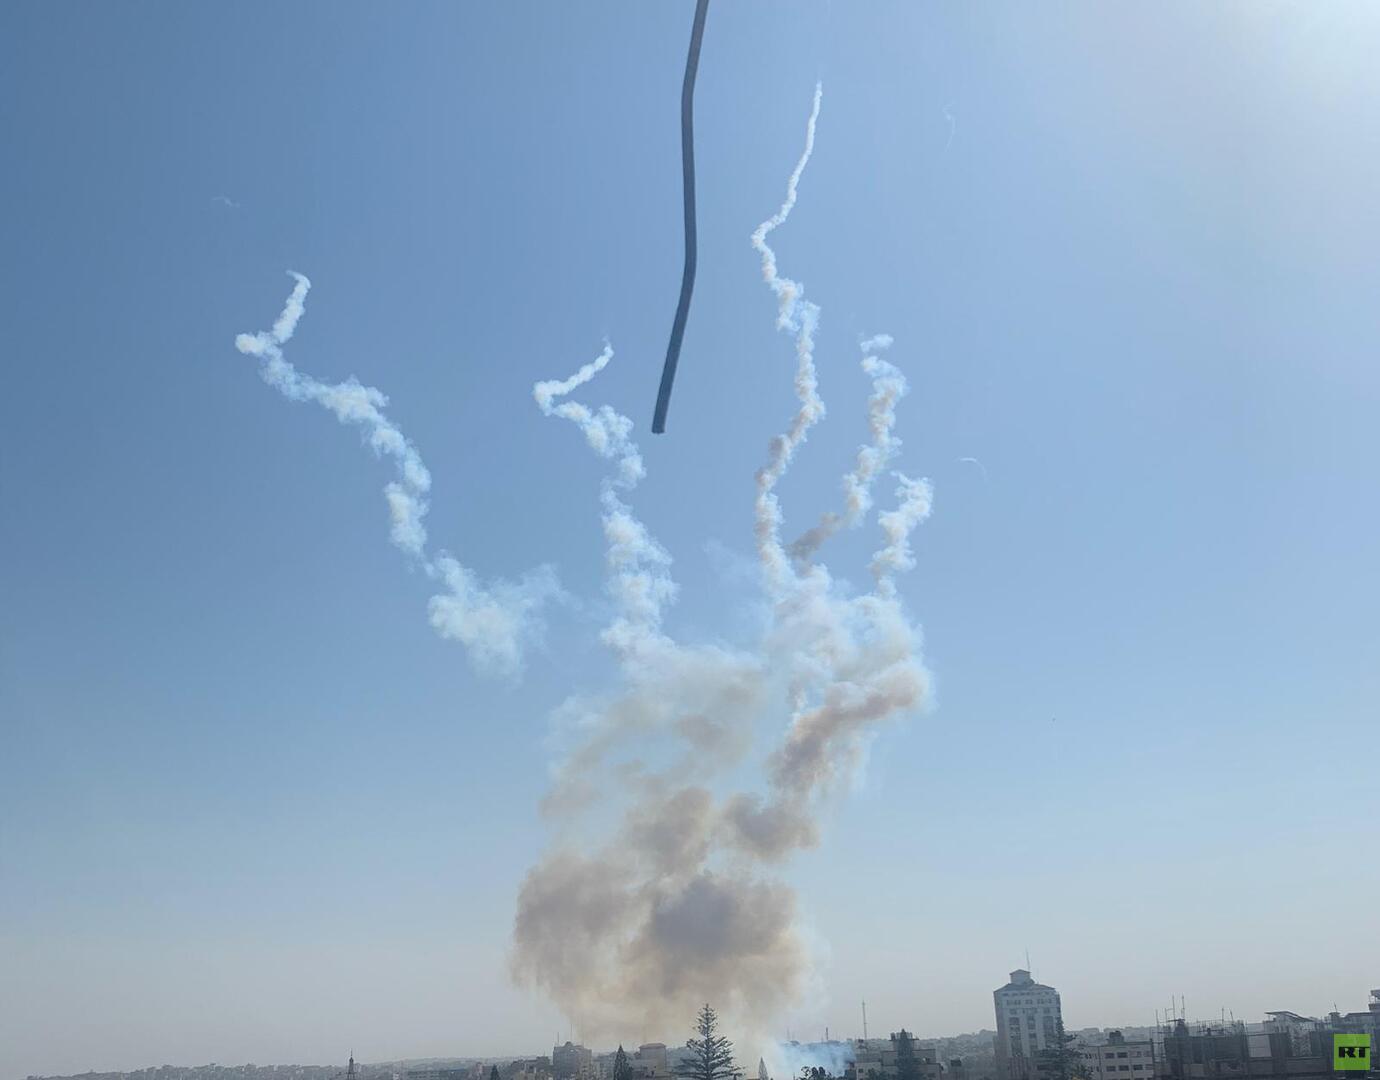 إطلاق صواريخ من غزة على إسرائيل عقب الإعلان عن اتفاق لوقف إطلاق النار (صور)